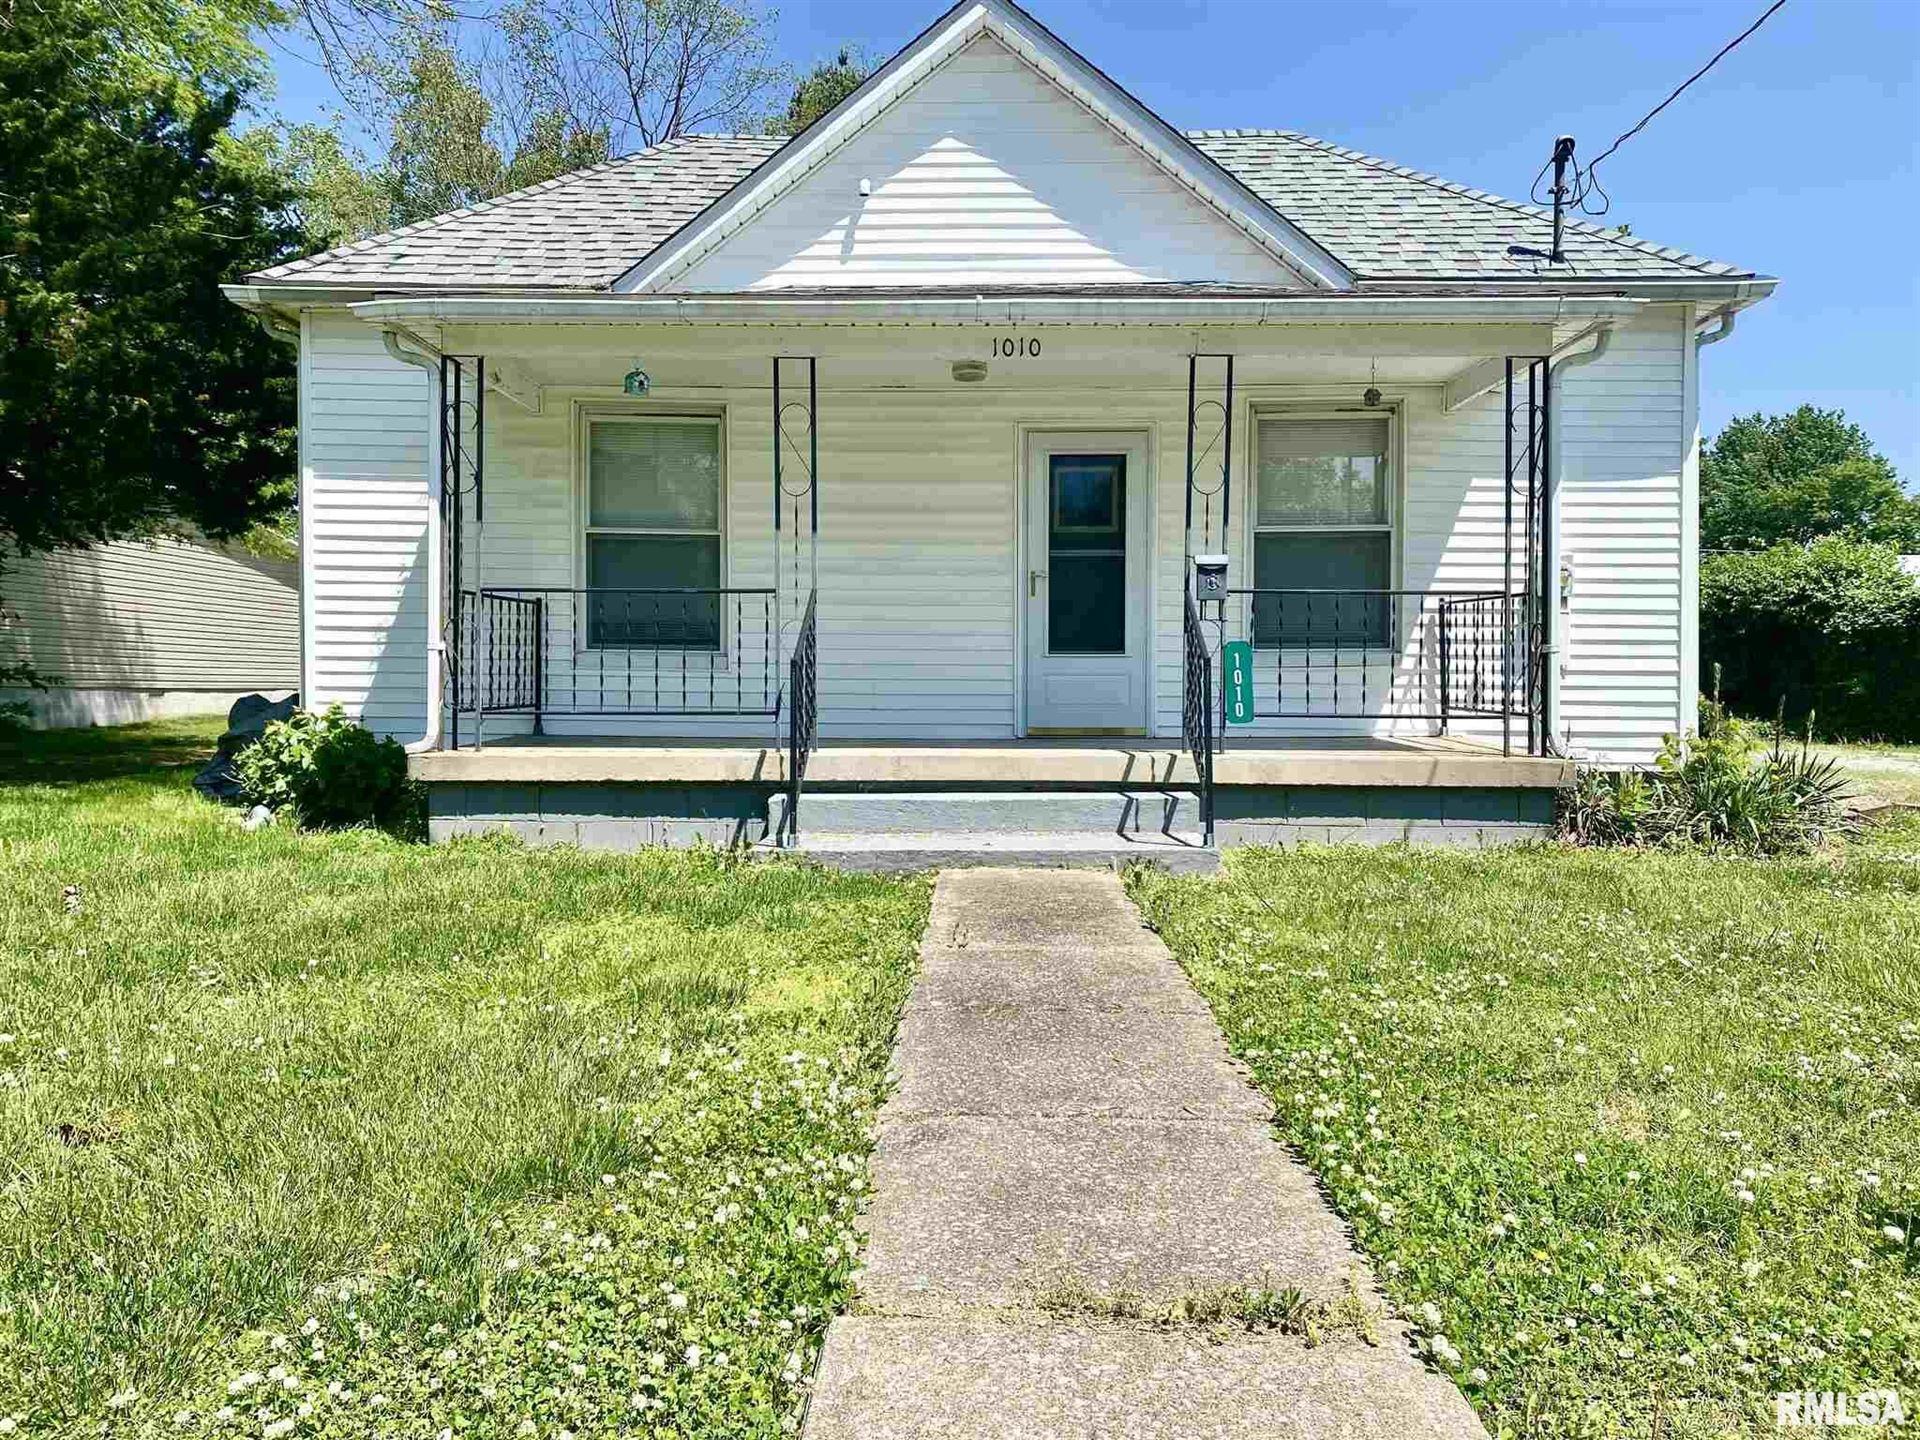 1010 S Land Street, Harrisburg, IL 62946 - MLS#: EB439332